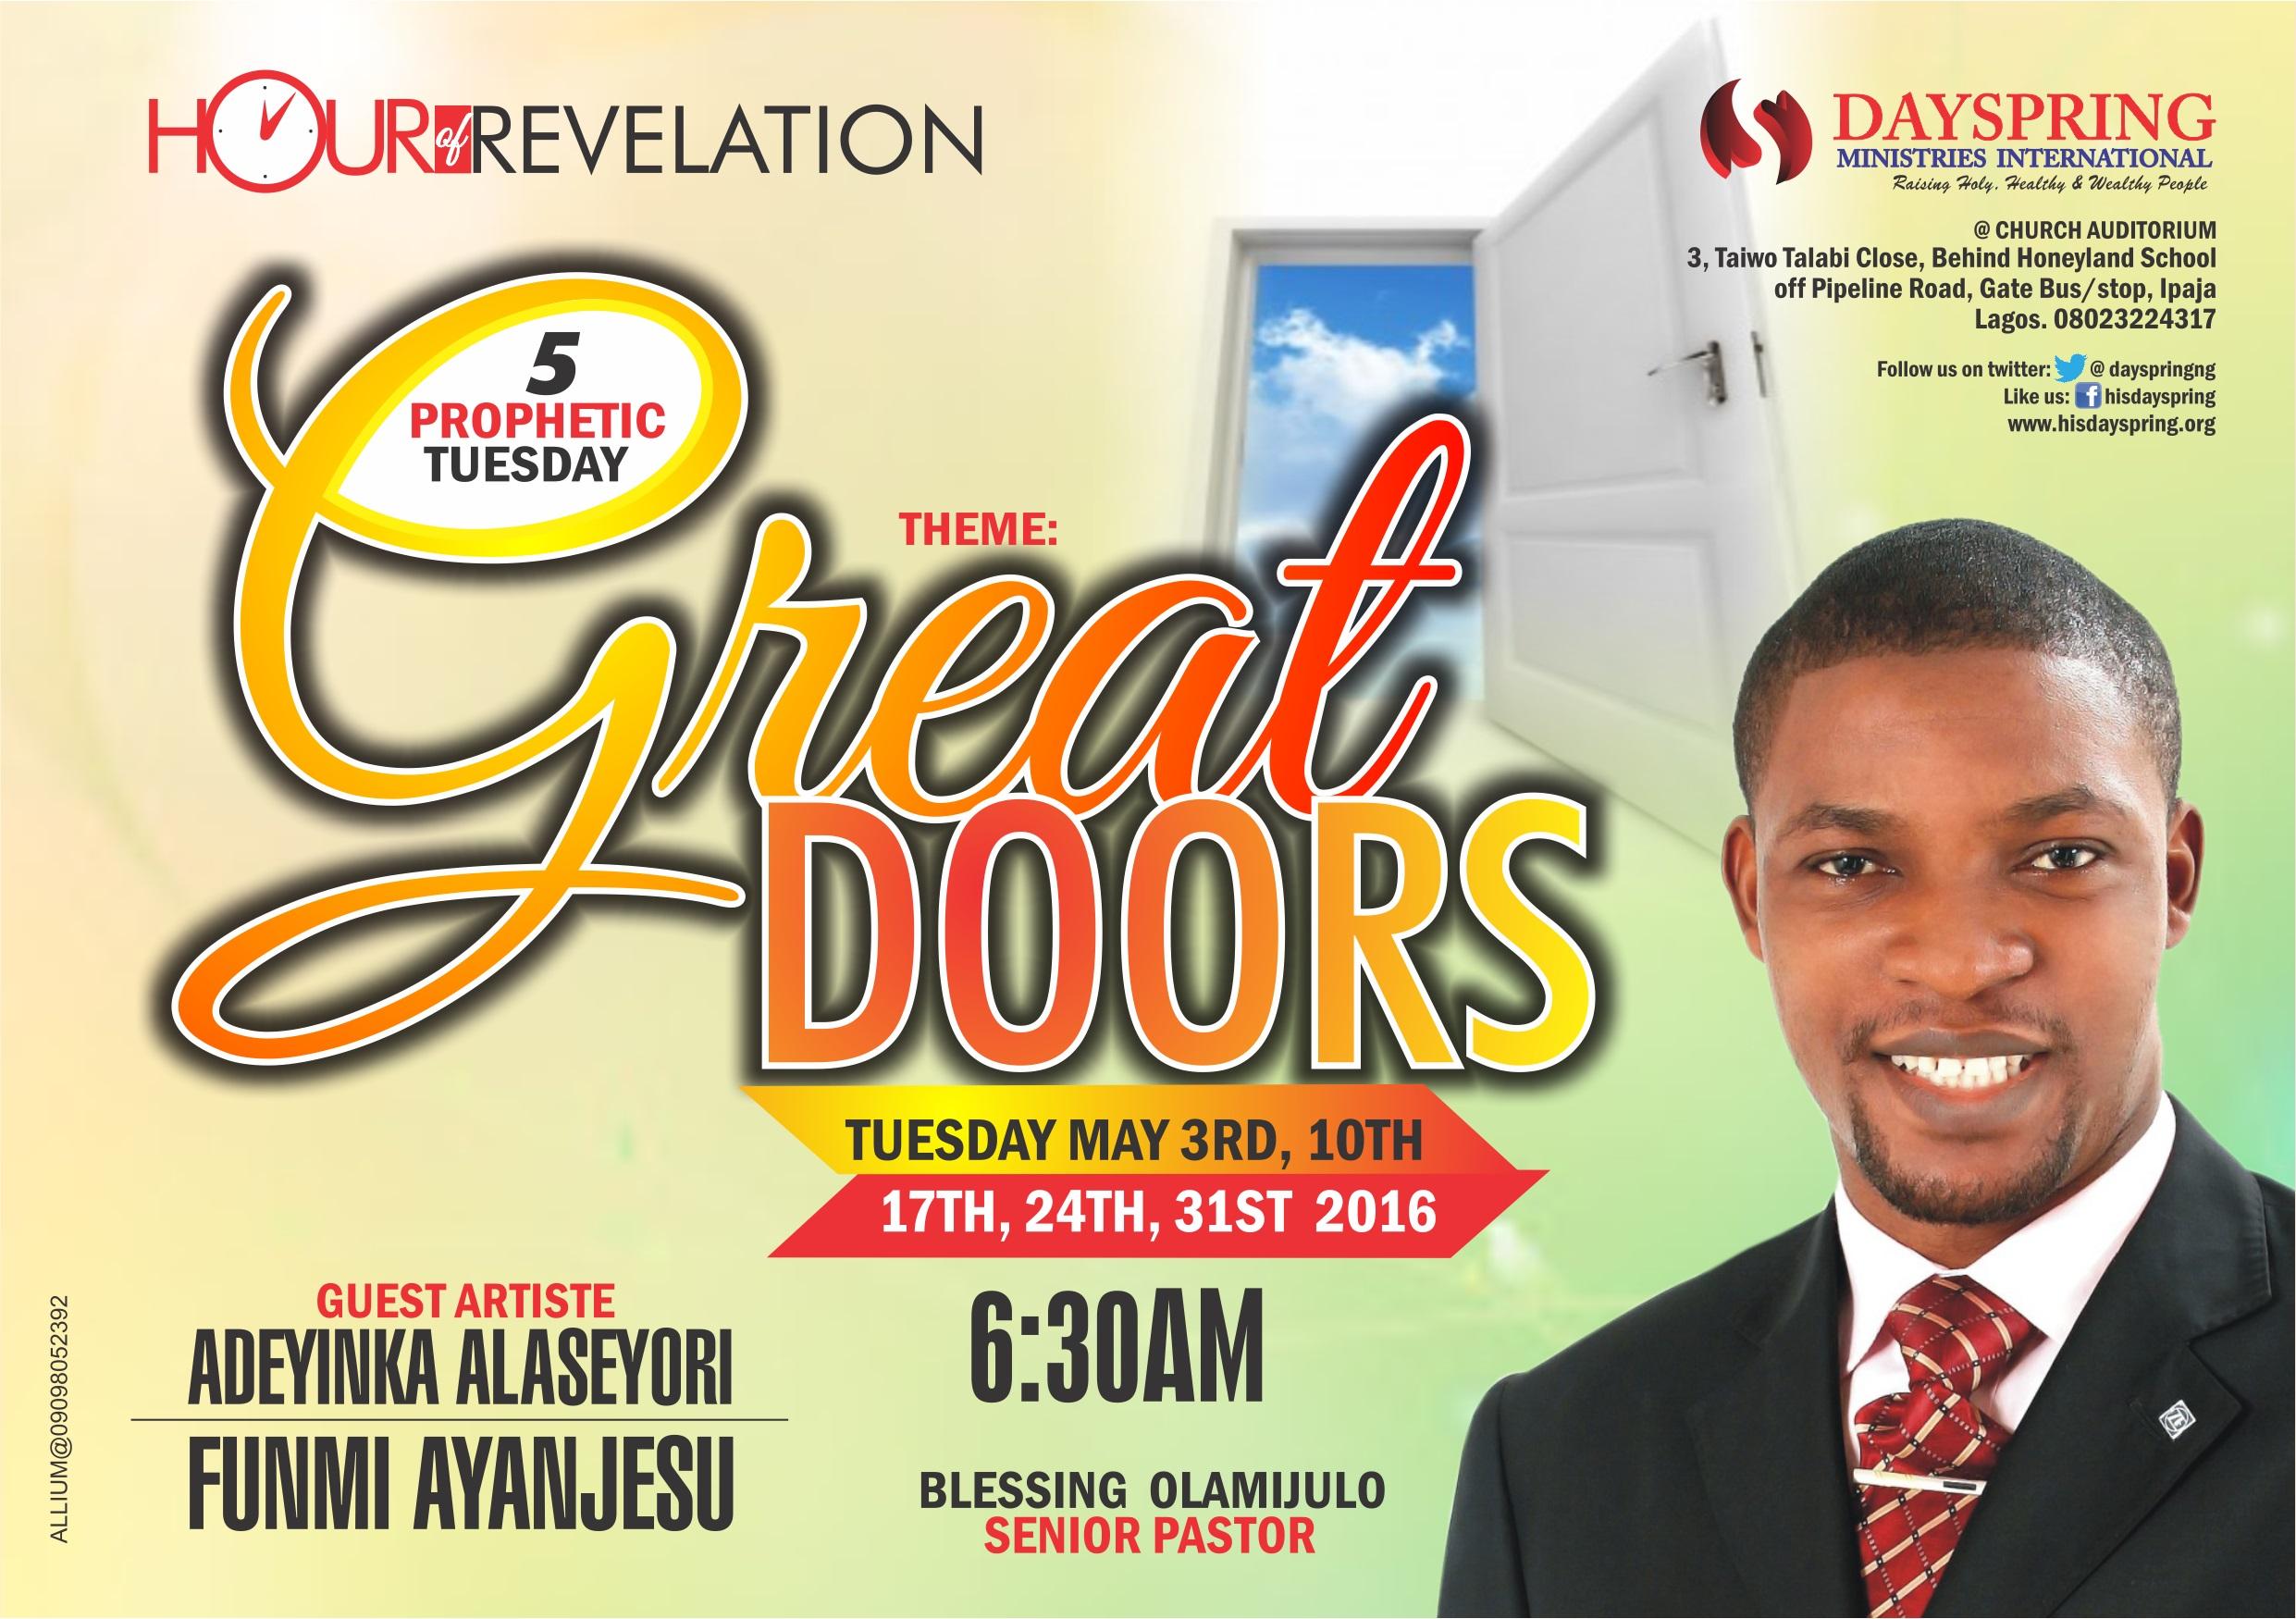 Hour of Revelation - Great Open Doors